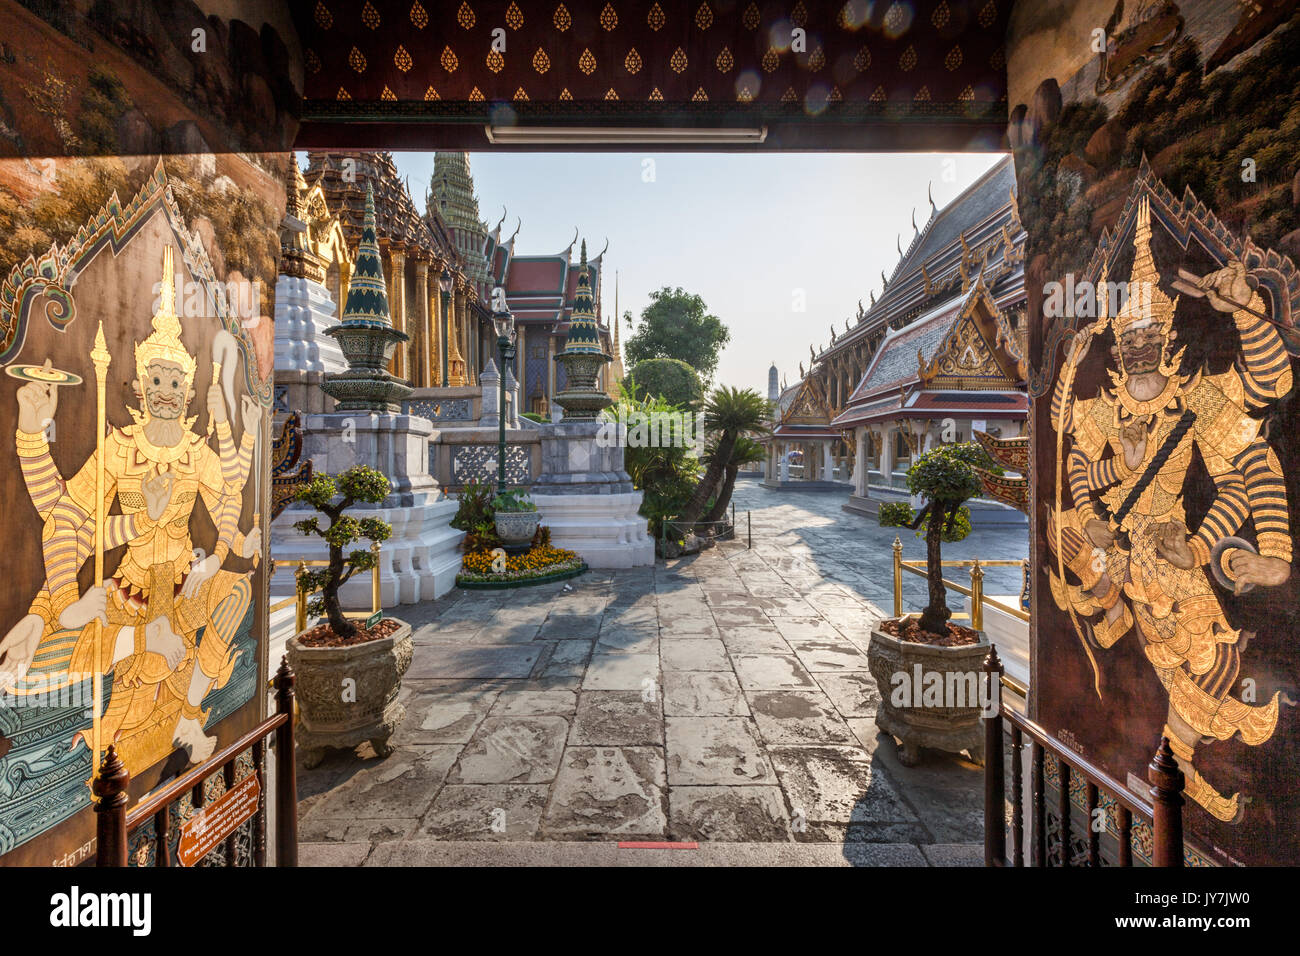 Ornano la porta di ingresso con decorazioni in oro al Wat Phra Kaew Tempio del Buddha di Smeraldo all'interno del Grand Palace, Bangkok, Thailandia Immagini Stock